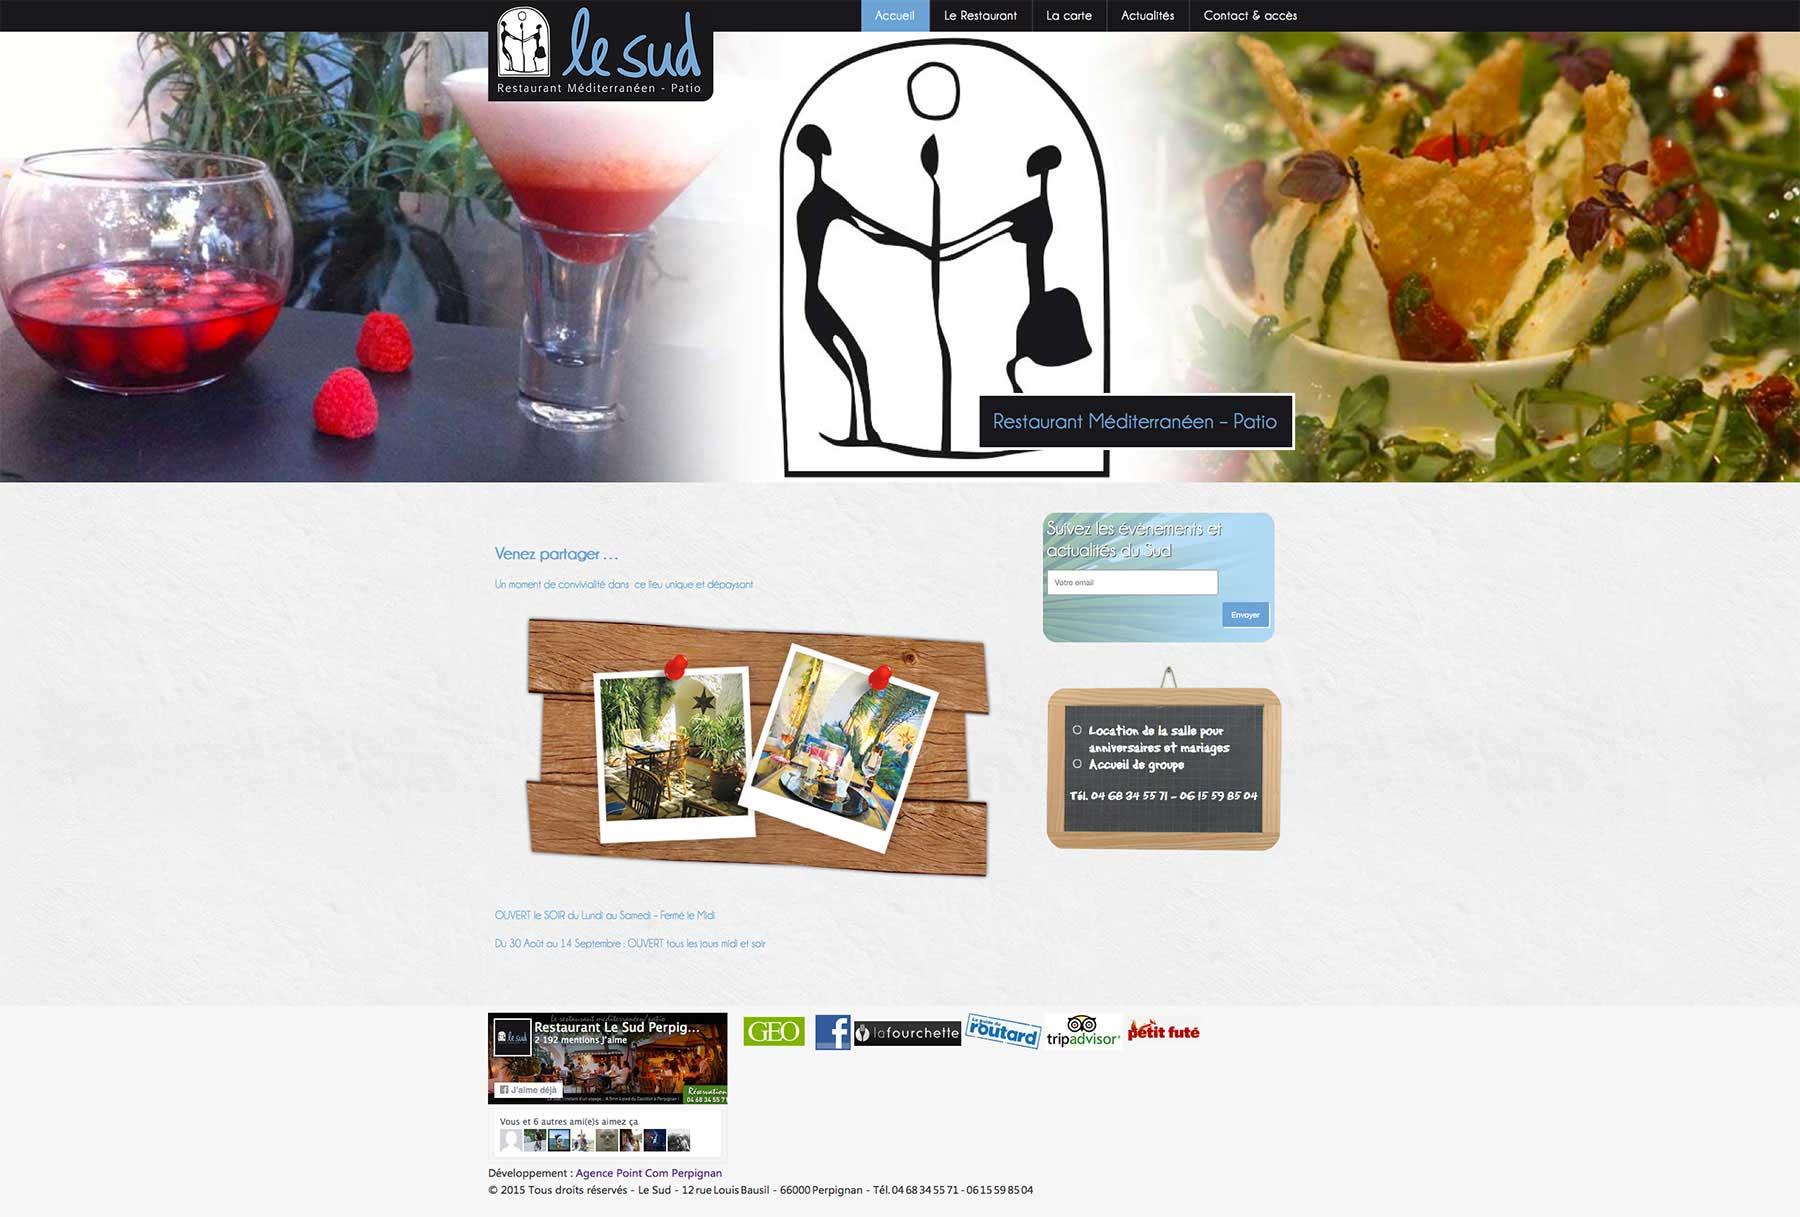 Agence Point Com - Création de site internet sur Perpignan : Restaurant Le Sud